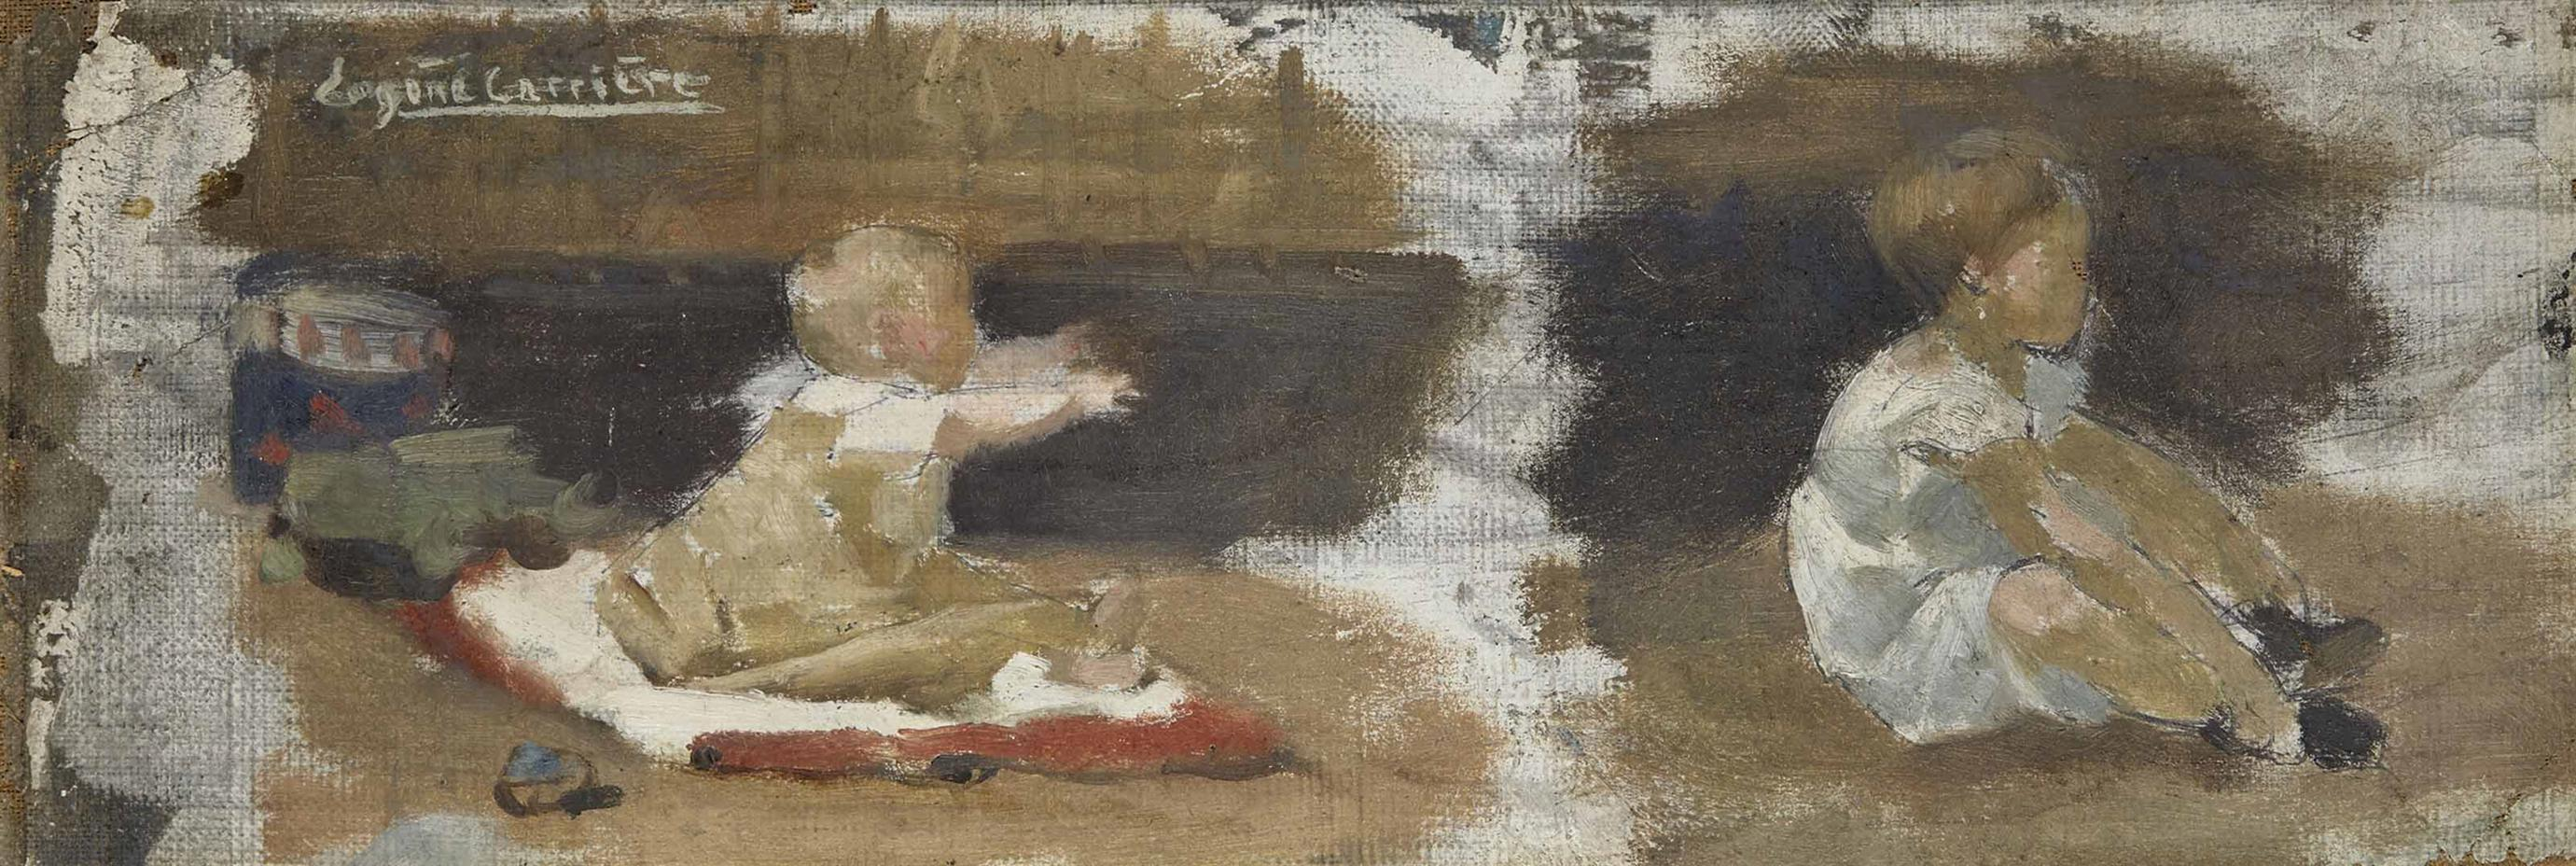 Eugene Carriere - Etude Denfants-1882